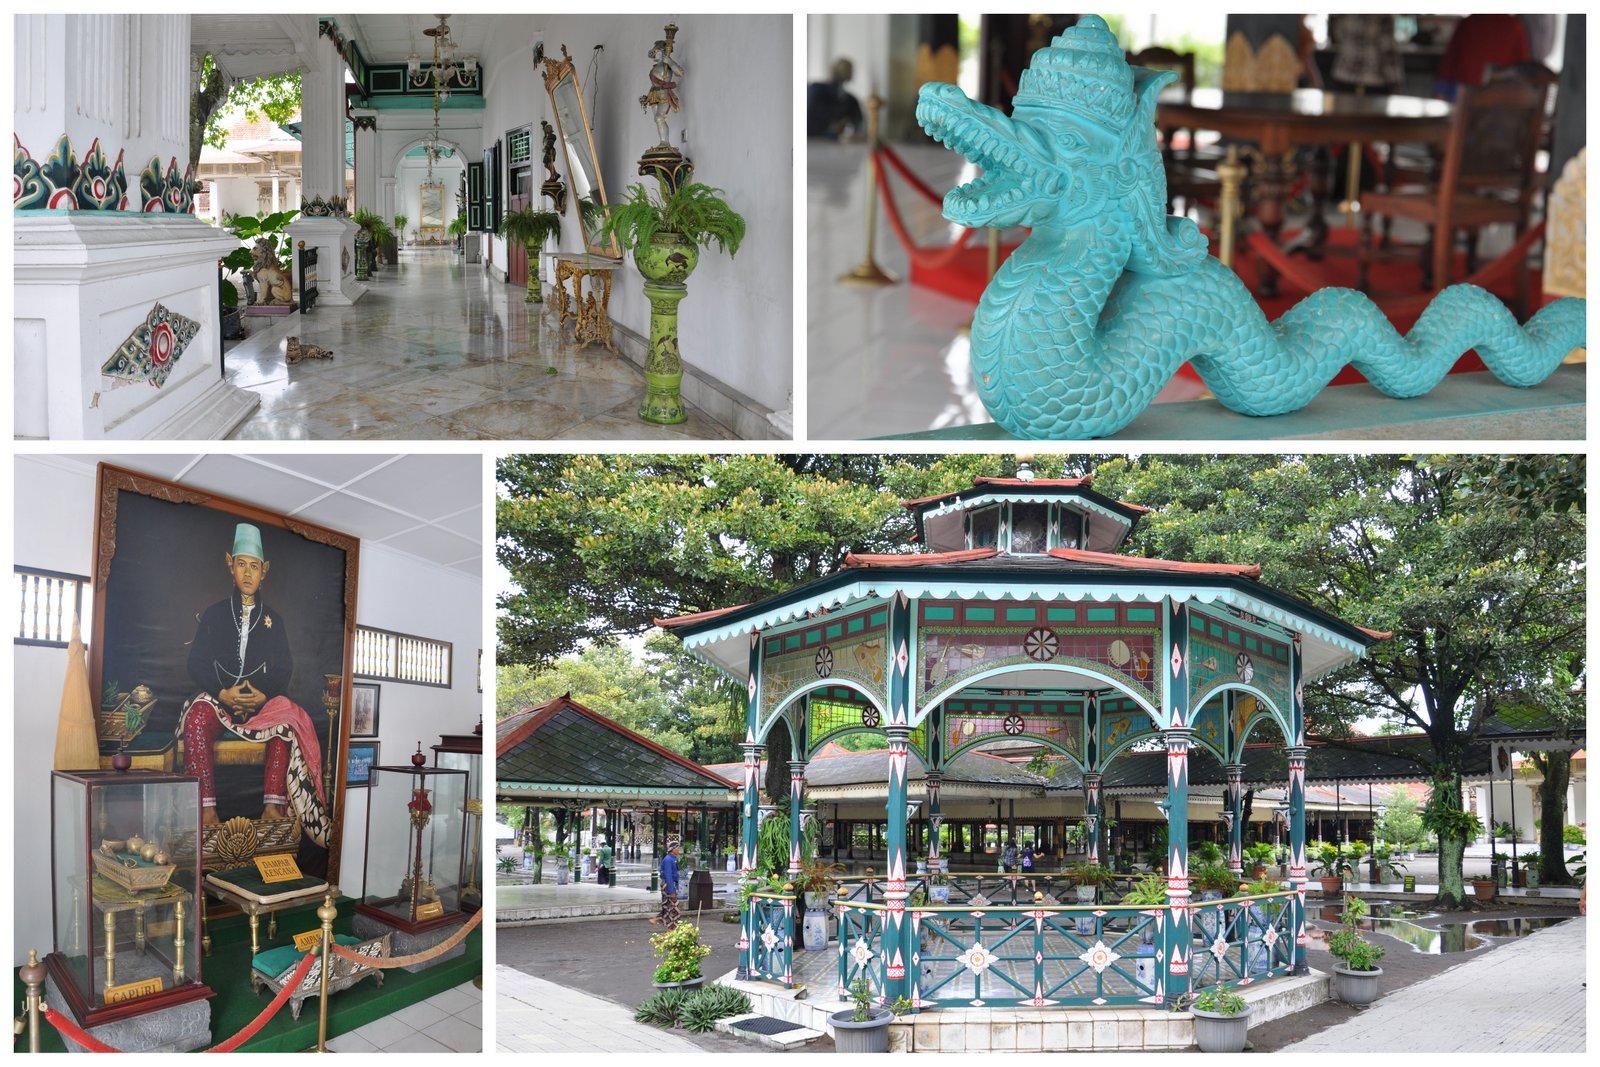 visita-yogyakarta-palacios-sultanes-kraton